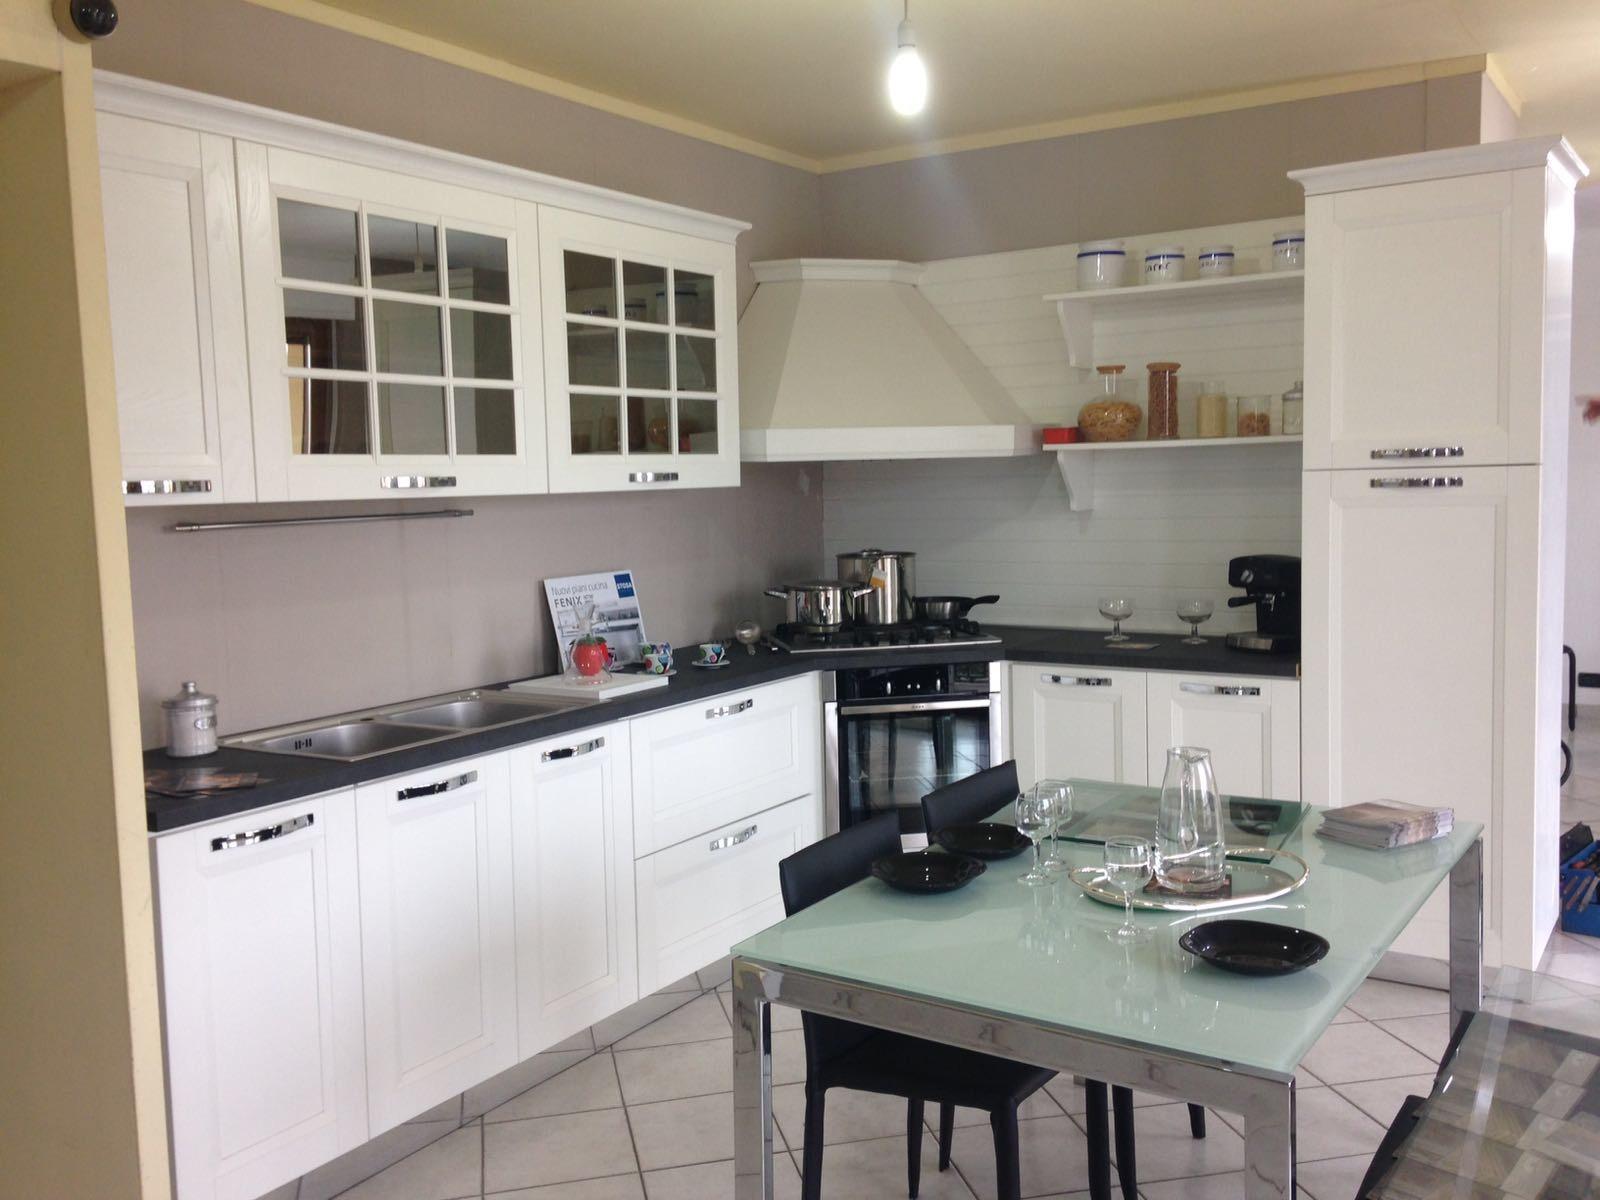 Cucina stosa cucine beverly classica legno bianca scontata del 57 cucine a prezzi scontati - Cucina bianca classica ...